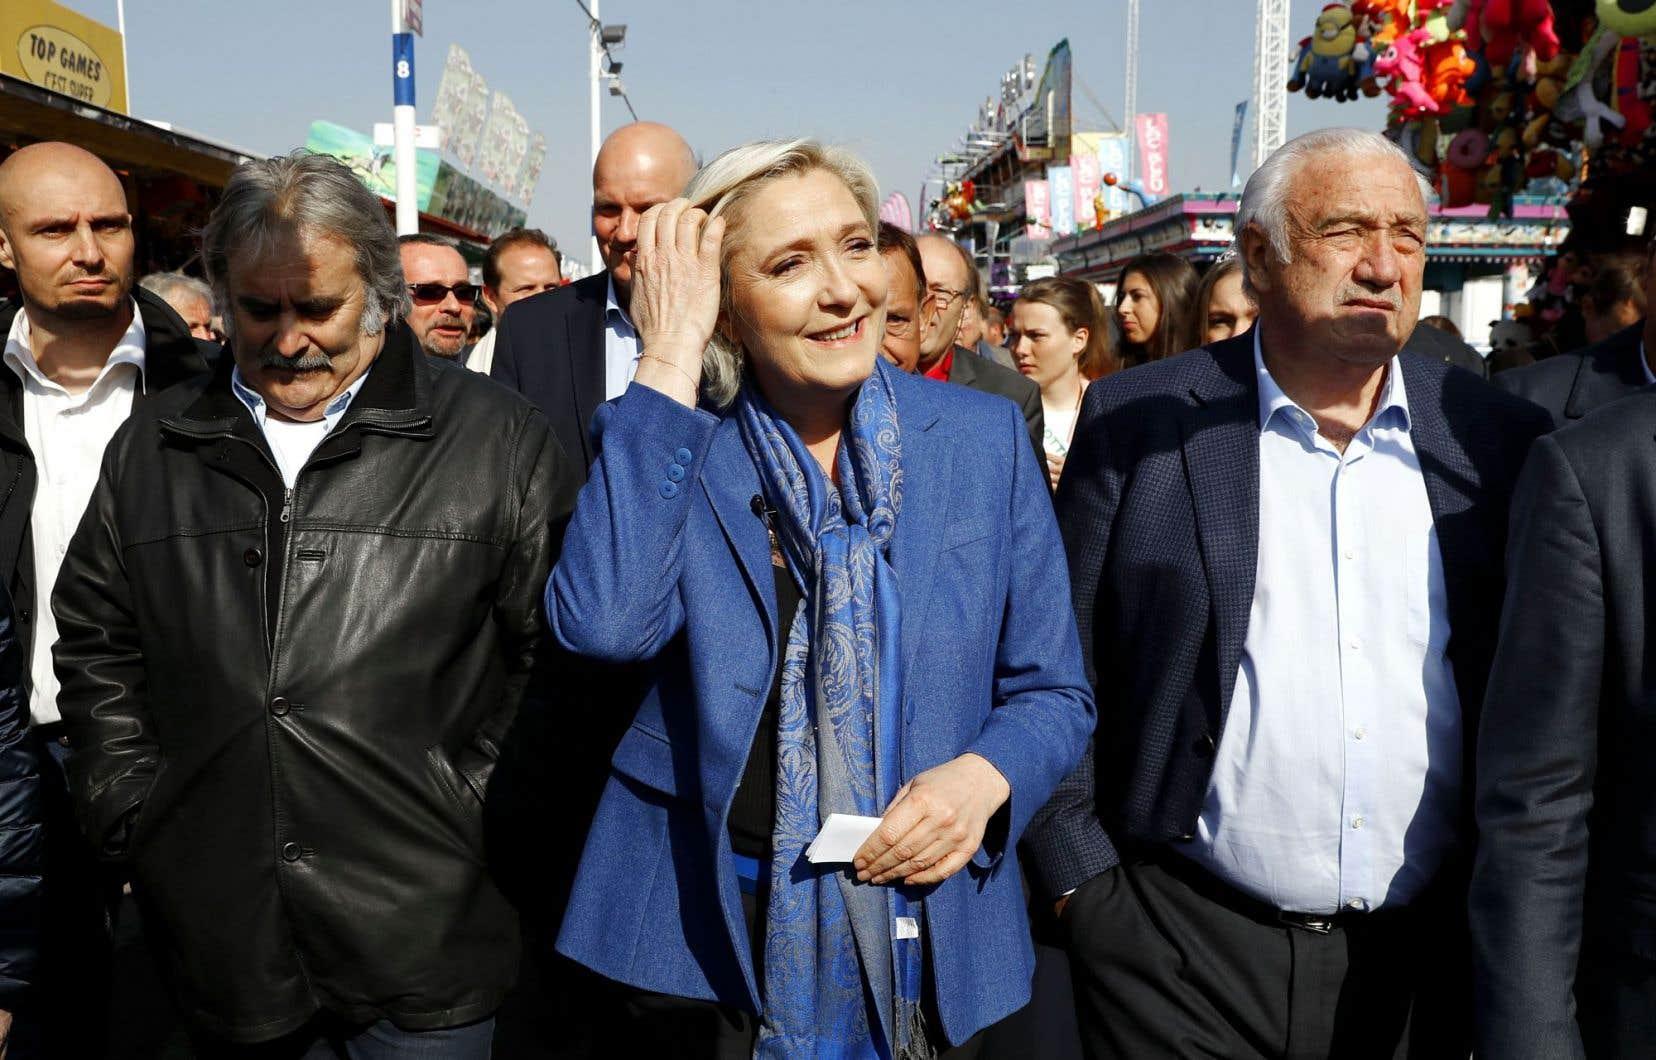 MmeLe Pen a visité la Foire du Trône de Paris dans le cadre de sa campagne présidentielle, vendredi.